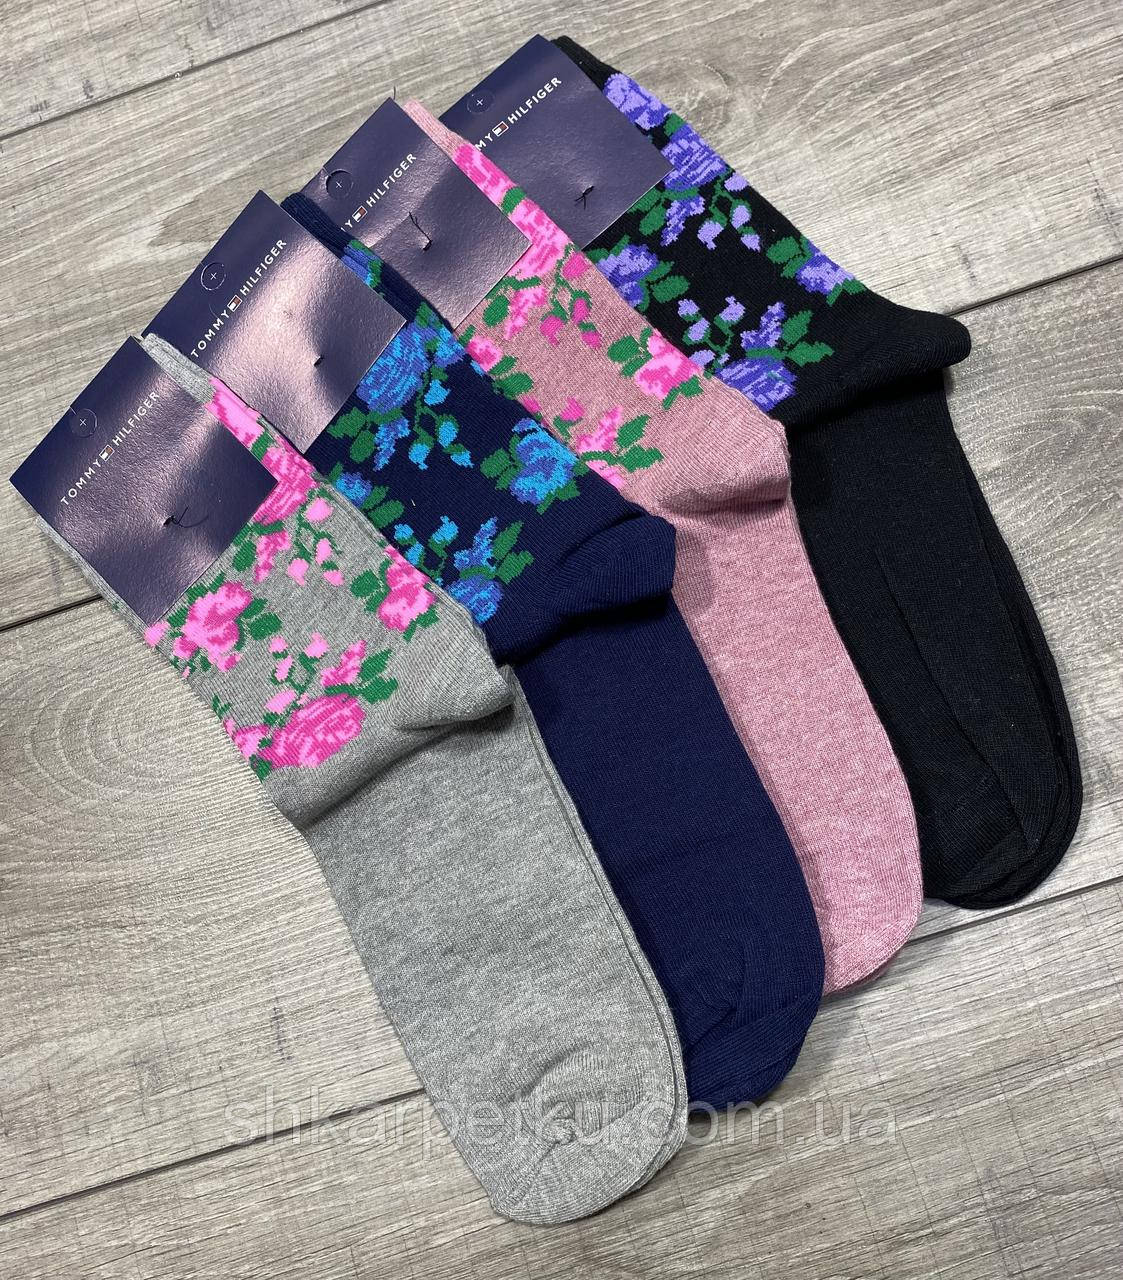 Жіночі демісезонні шкарпетки асорті з квітковим принтом бавовна високі 12 шт в уп